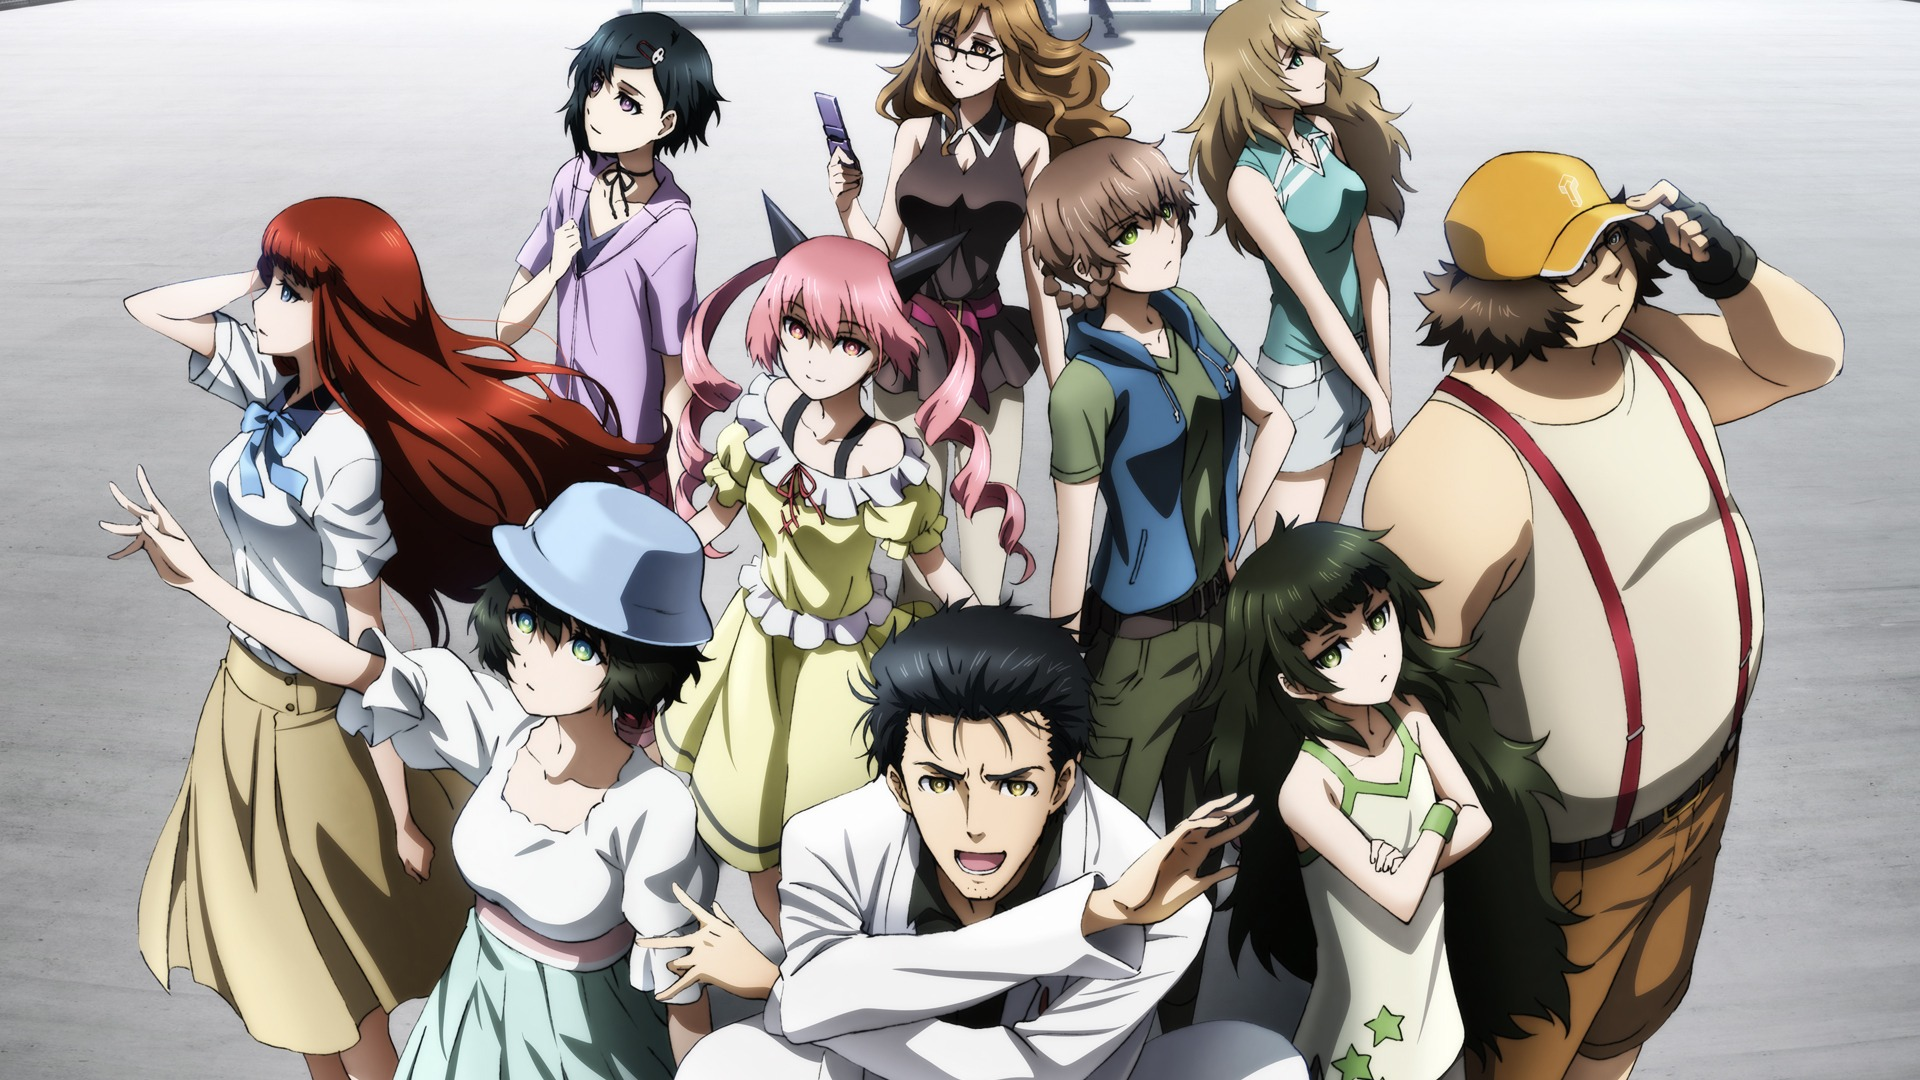 Steins;Gate 0 anime